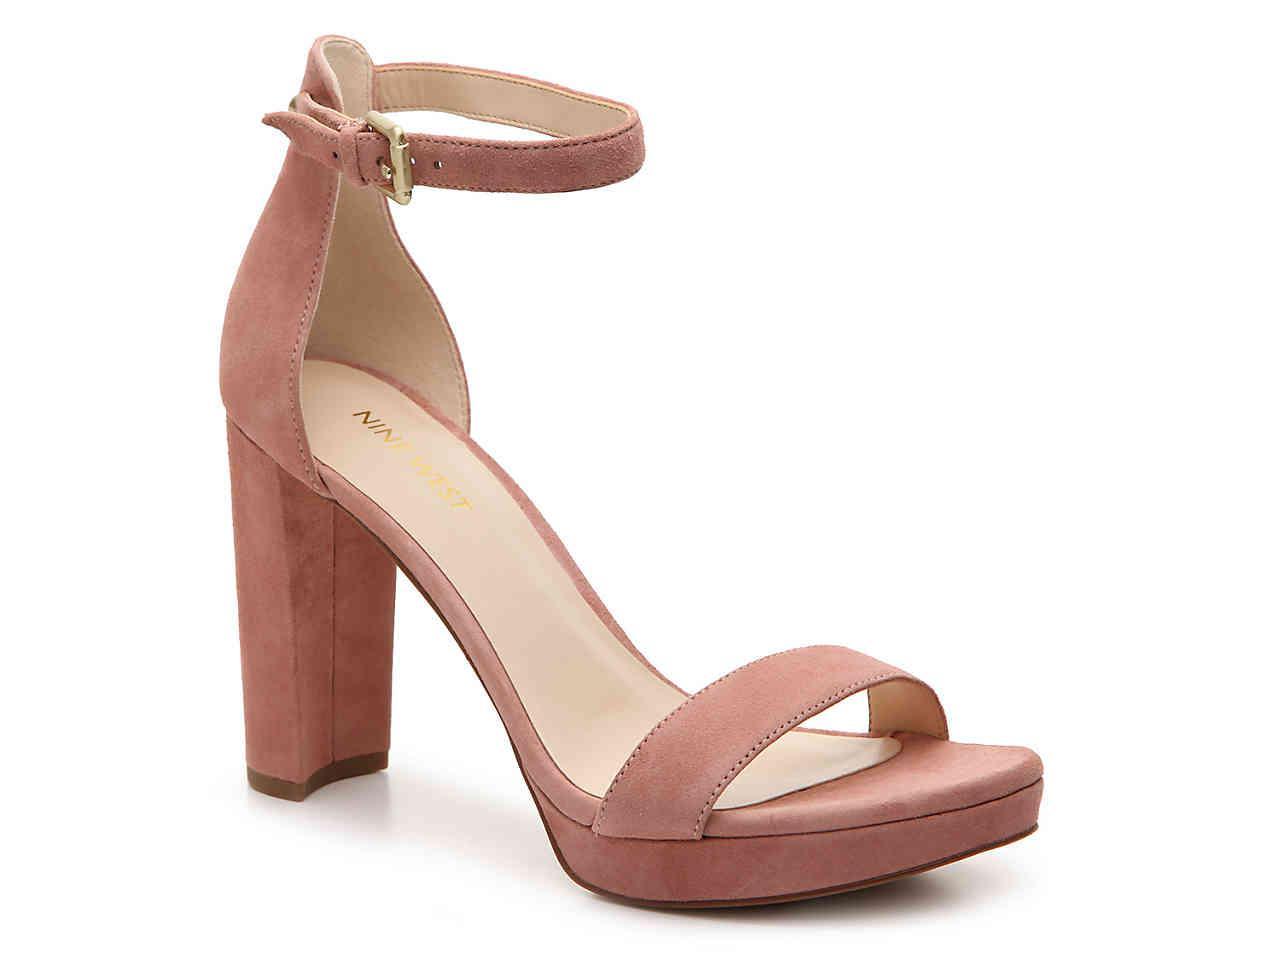 230959c185f7 Lyst - Nine West Dempsey Platform Sandal in Pink